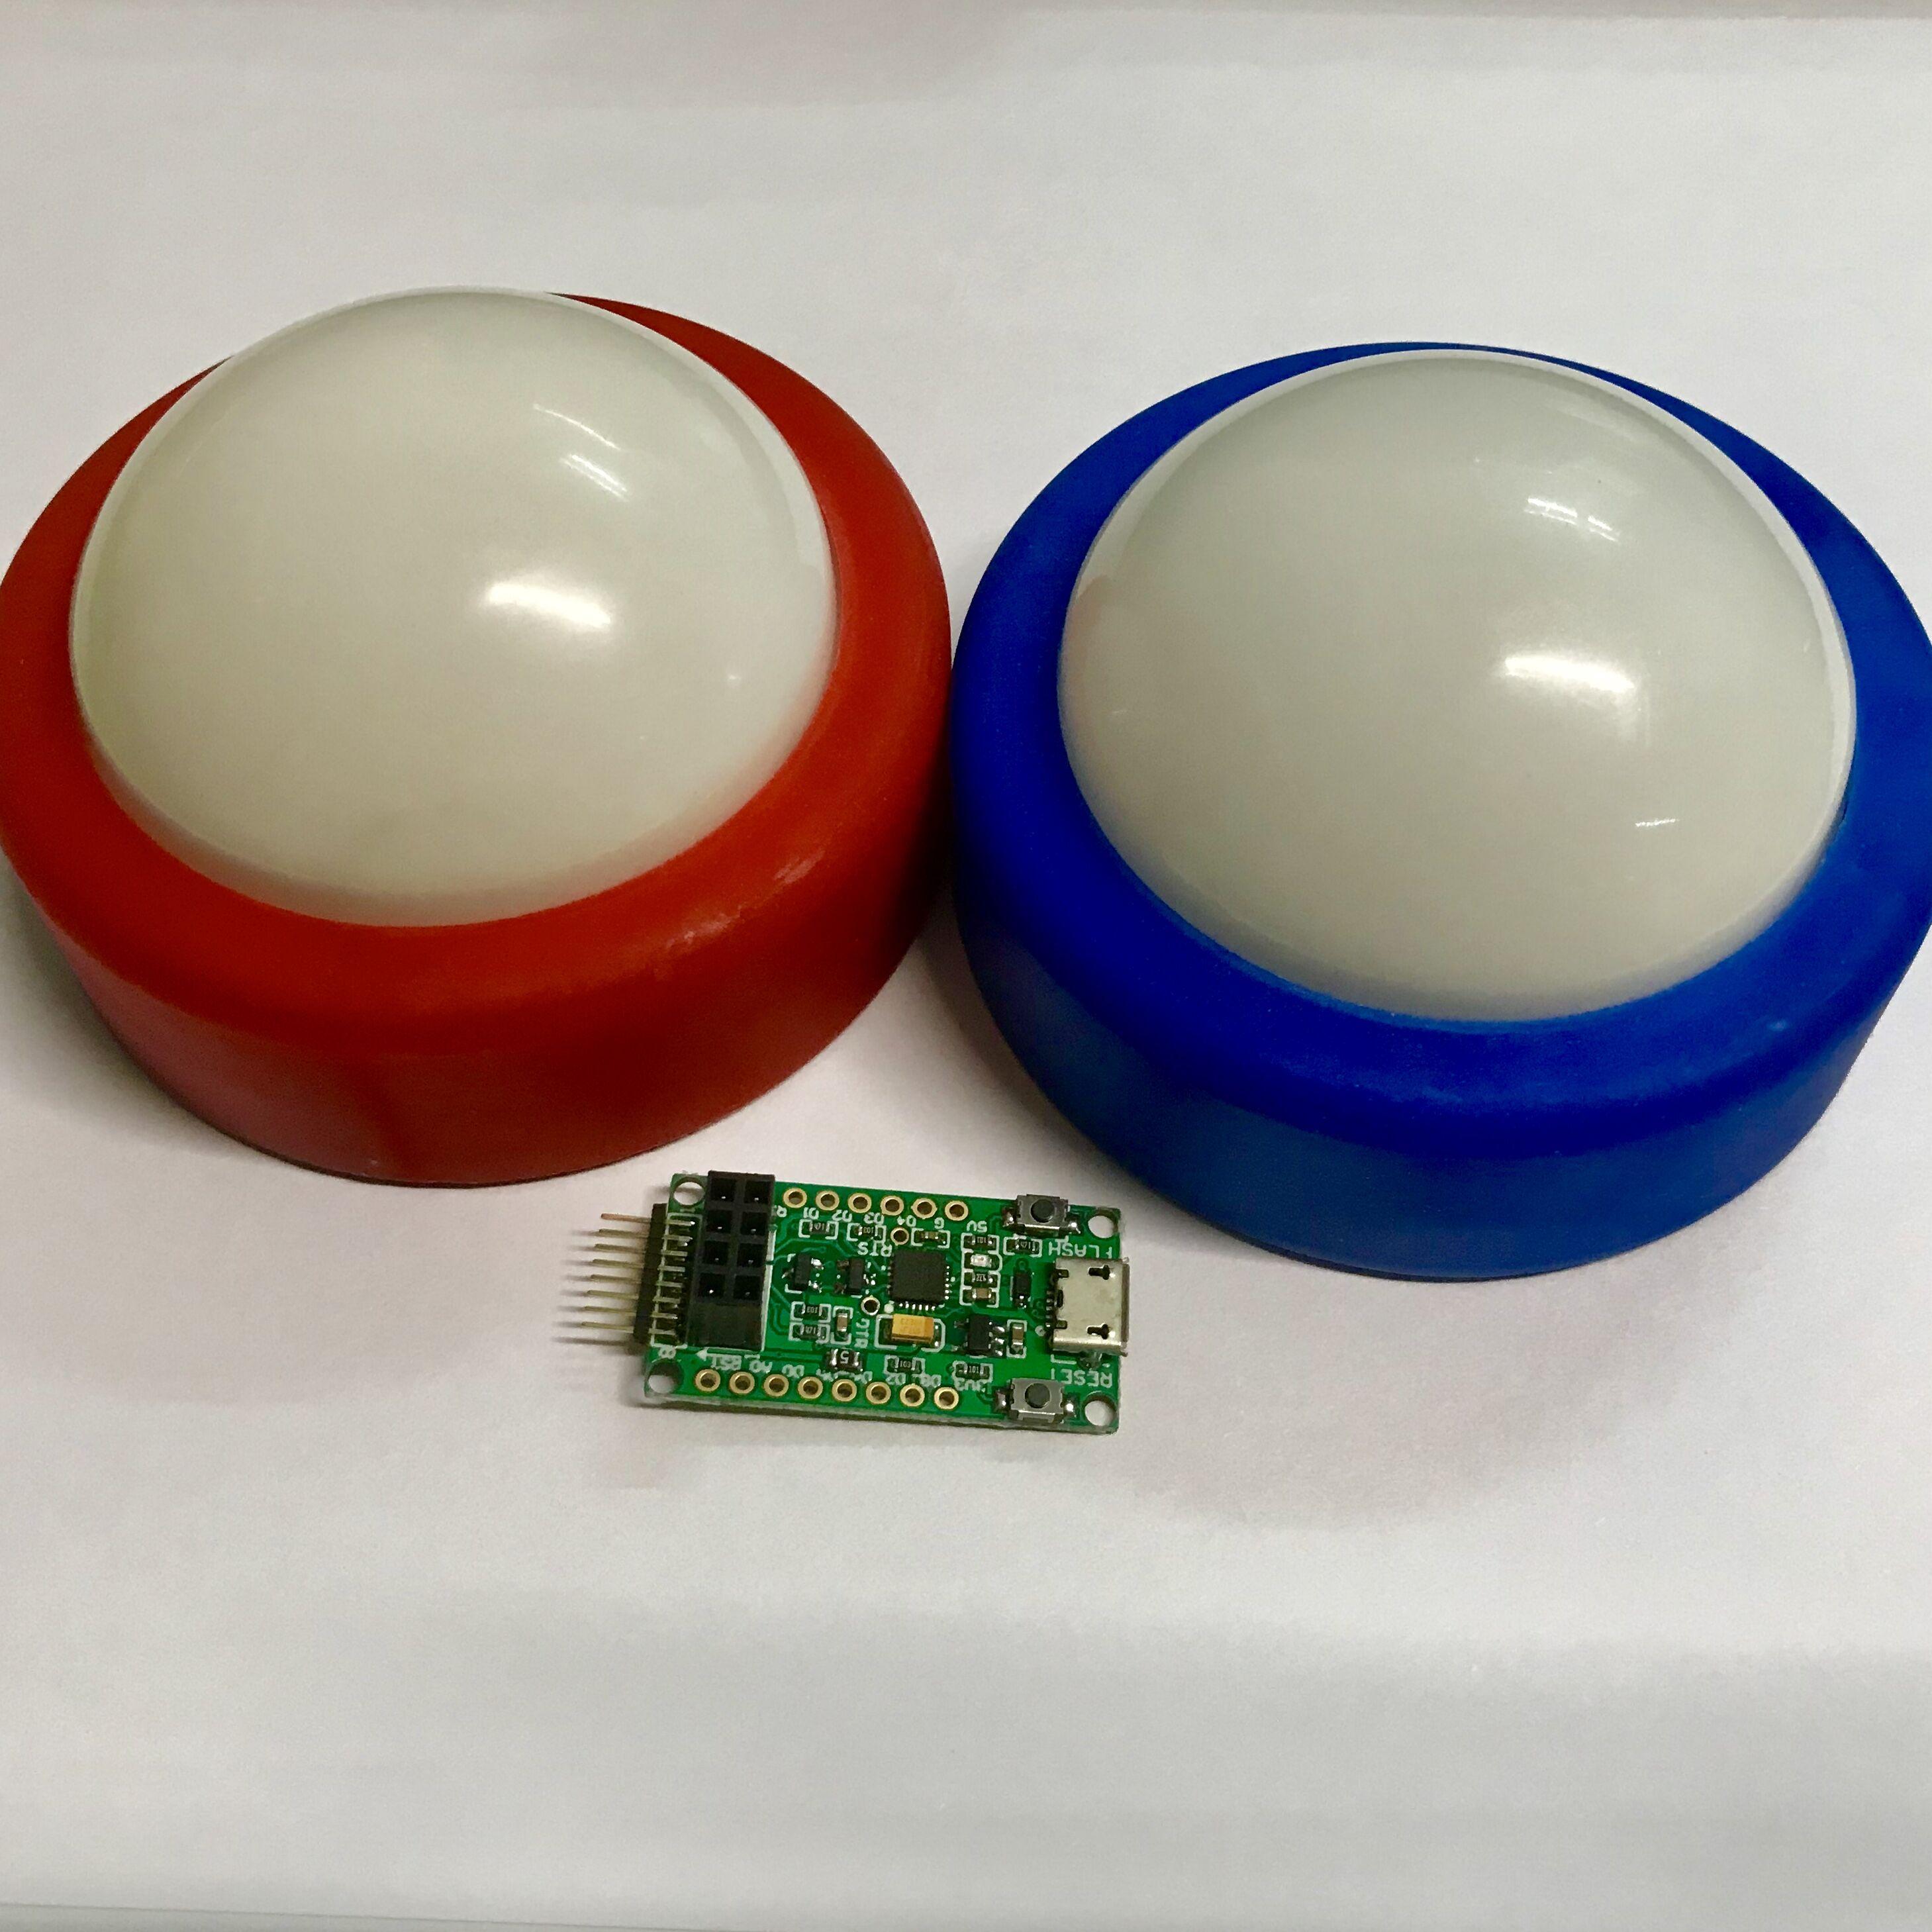 Kit de développement de bouton WiFI ESP8266 IFTTT avec programmation de clignotant ESP8266 - 5